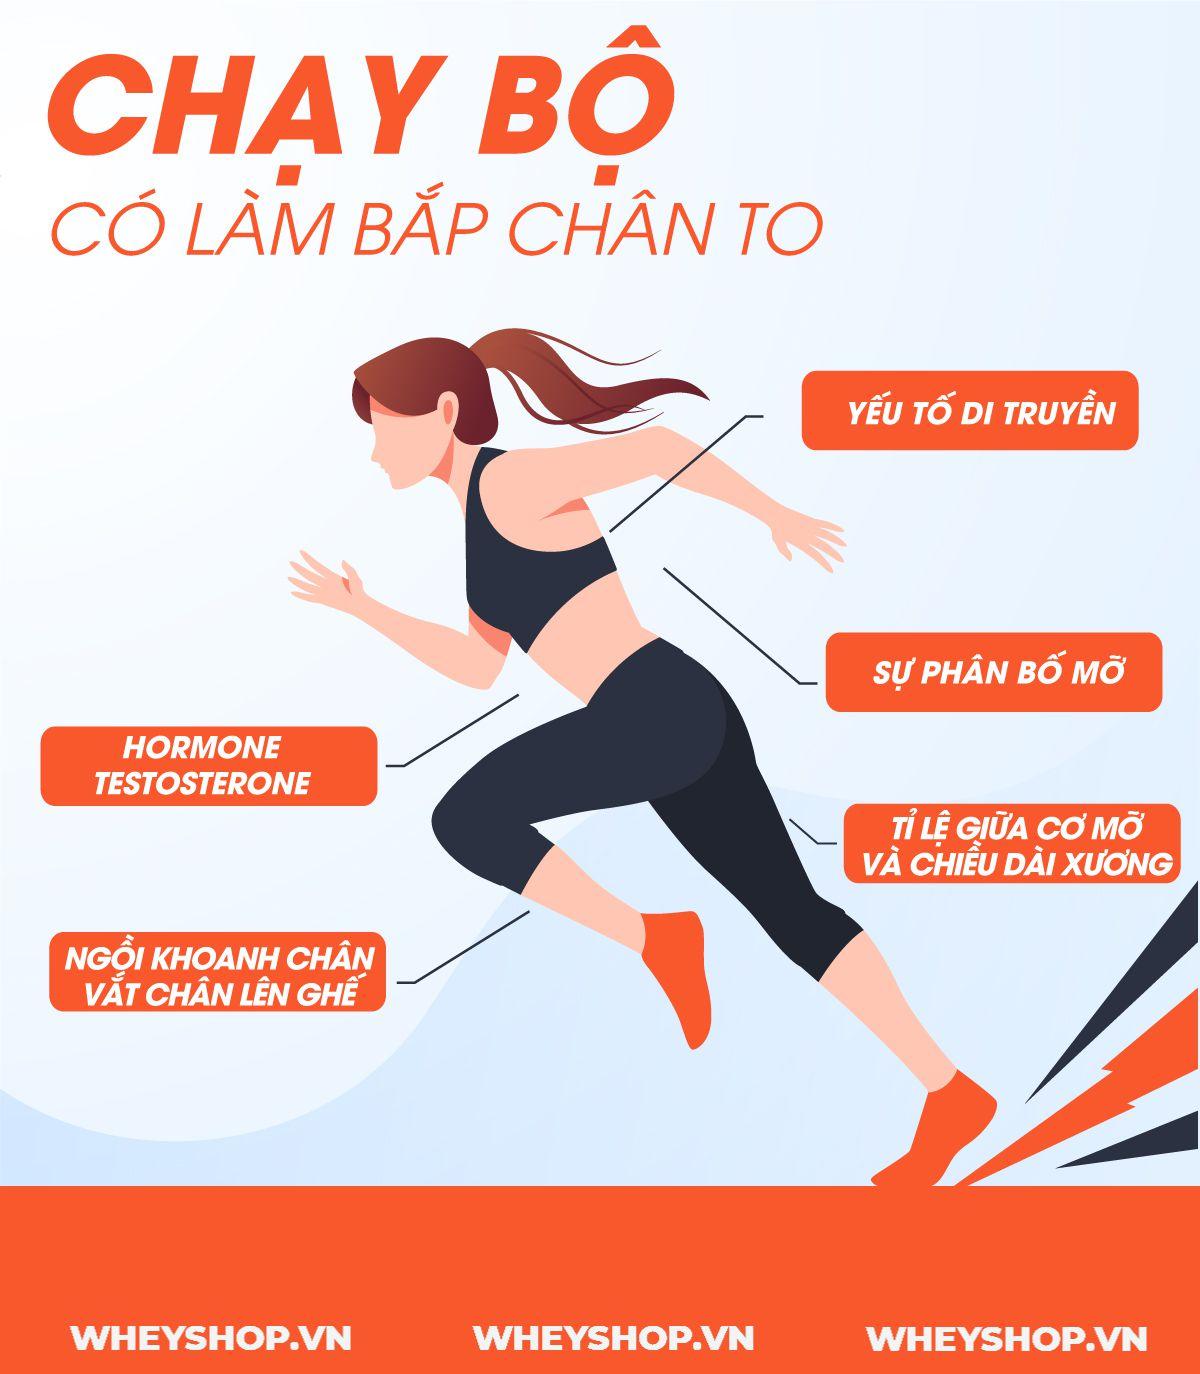 Nếu bạn đang băn khoăn thắc mắc về việc chạy bộ có làm to bắp chân không thì hãy cùng WheyShop tham khảo chi tiết ngay bài viết này...